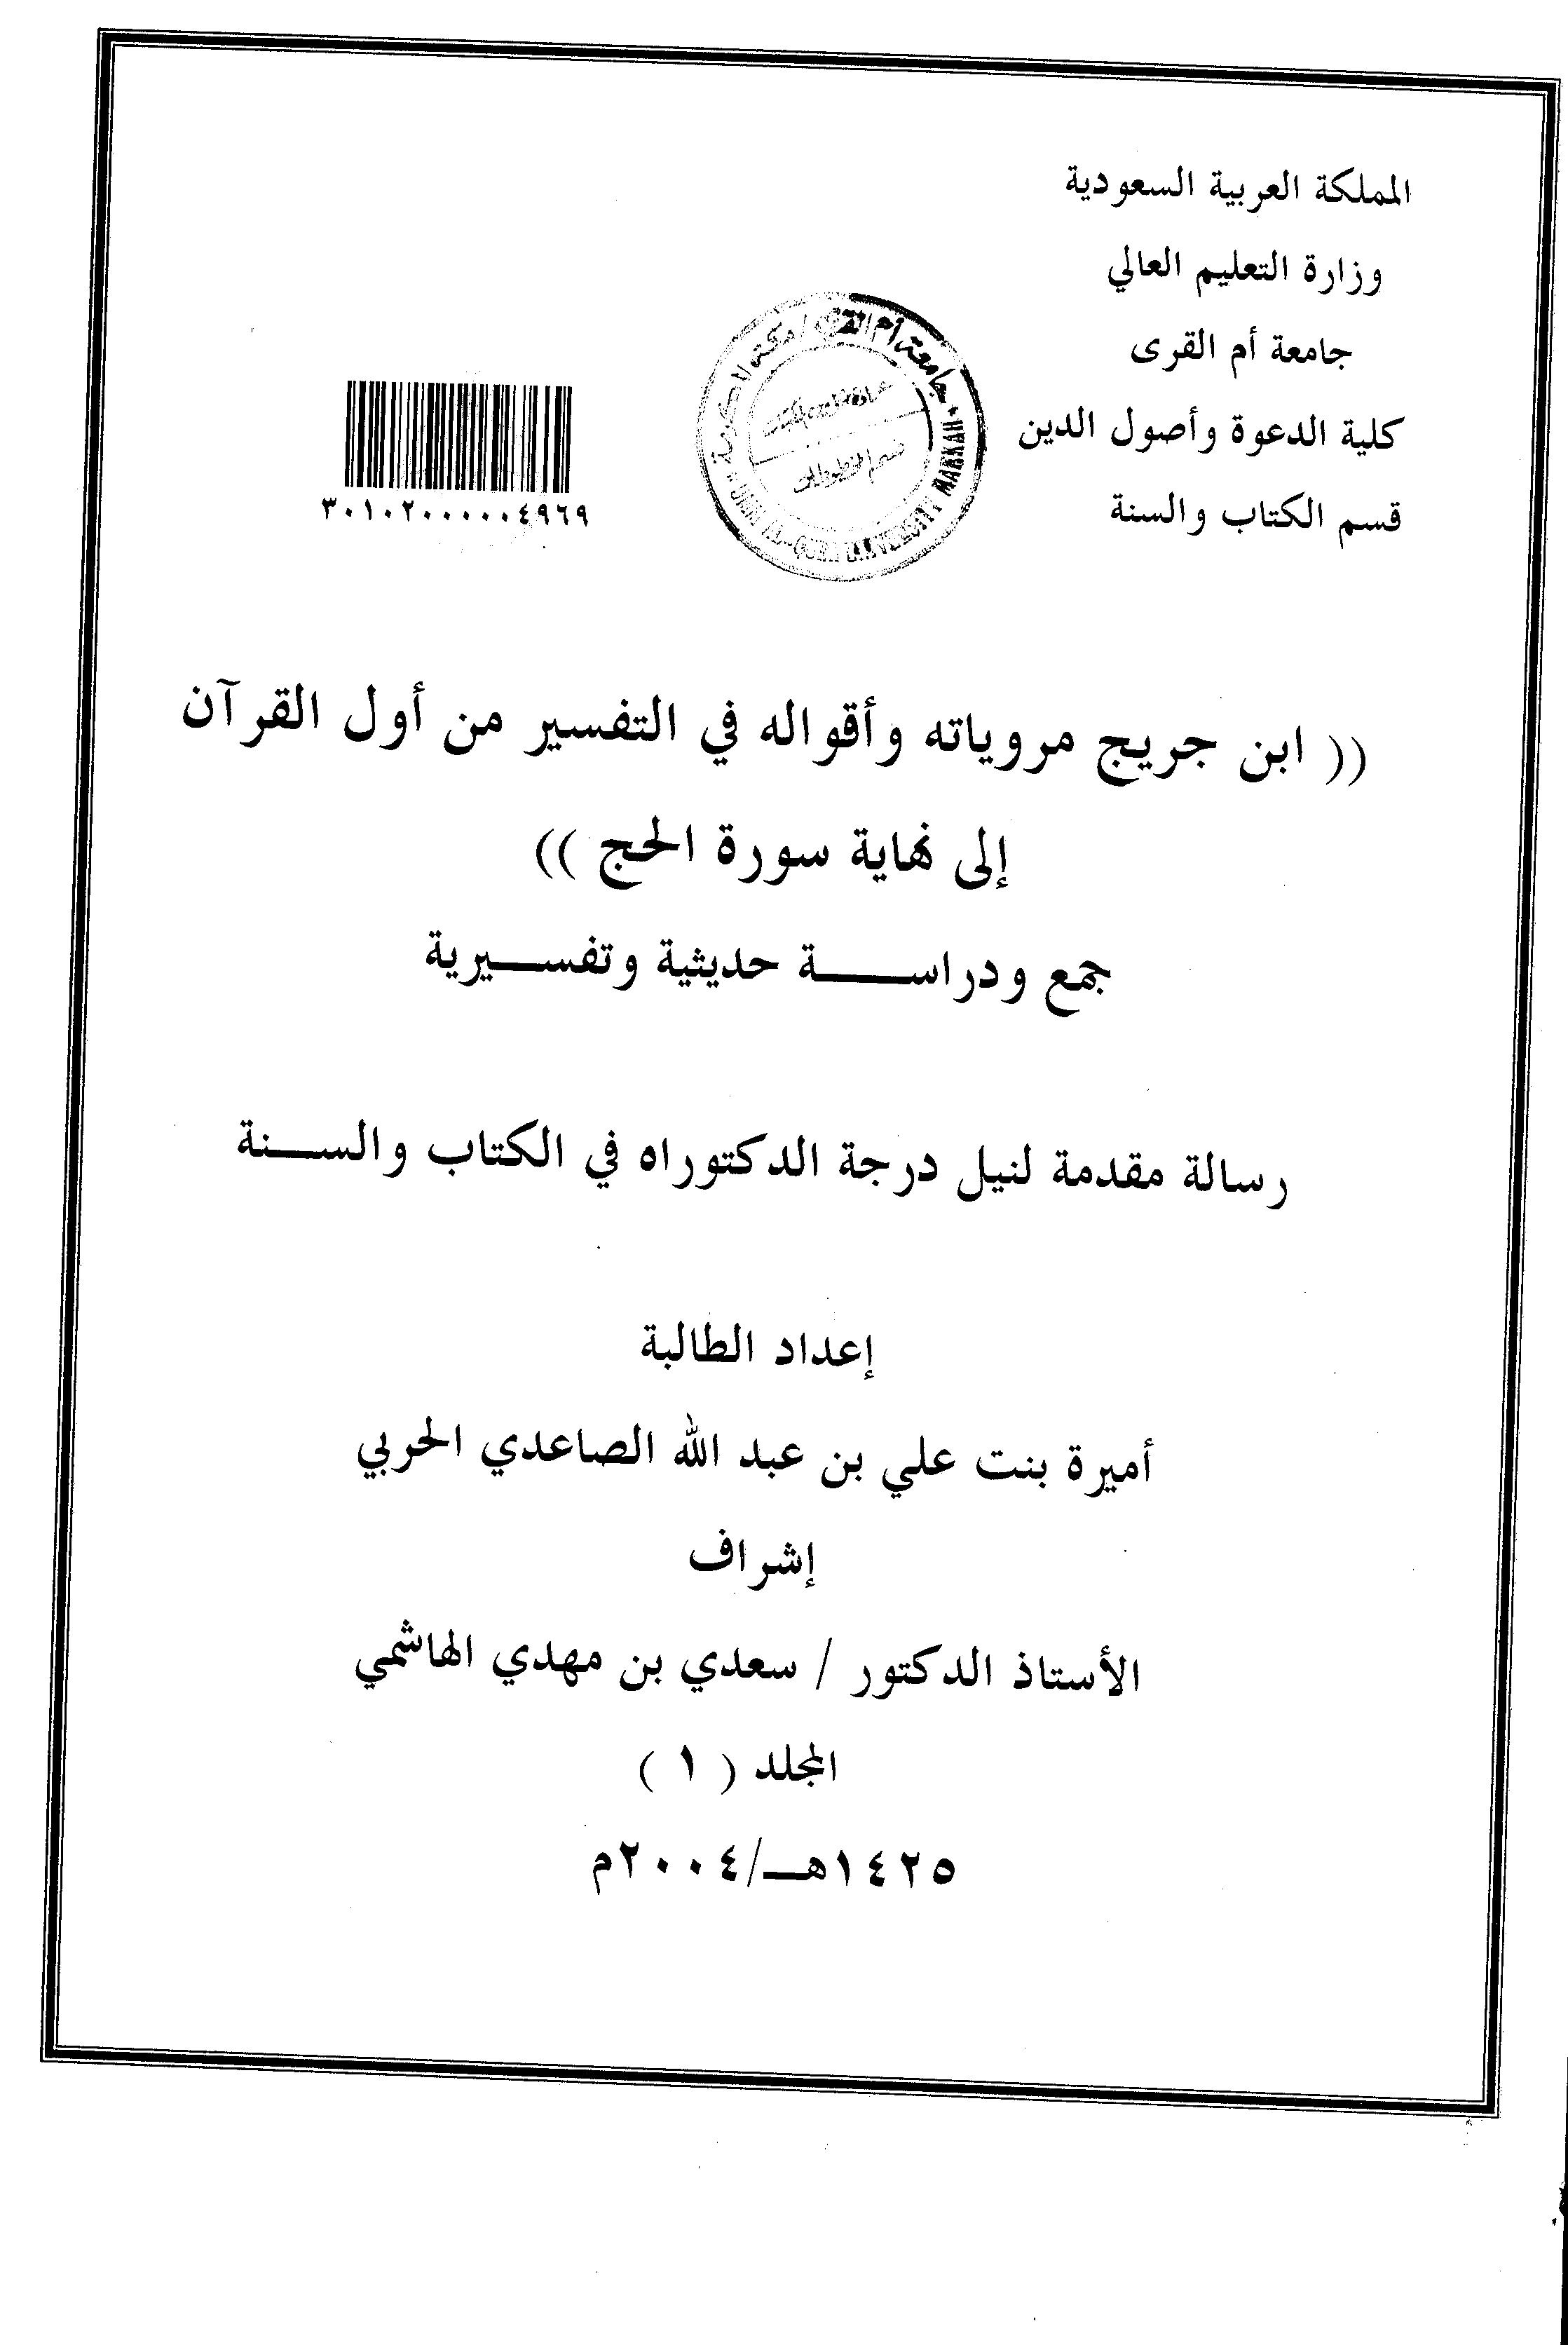 ابن جريج مروياته وأقواله في التفسير من أول القرآن إلى نهاية سورة الحج